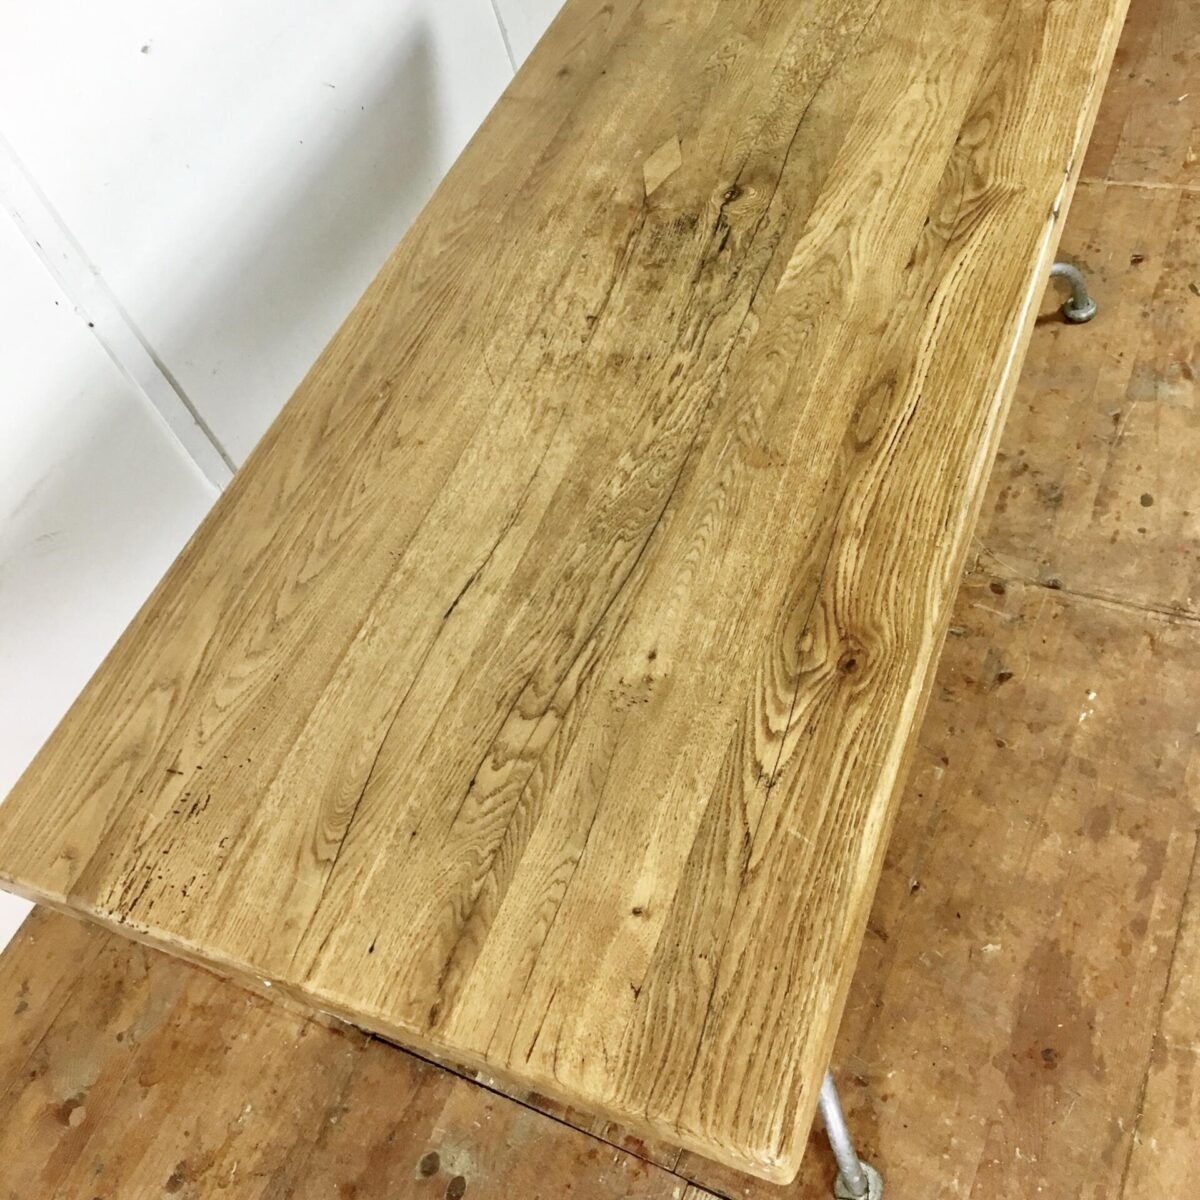 Esstisch 180cm mal 80cm. Tischblatt aus massivem alten Eichenholz. Tischgestell Metall Feuerverzinkt.